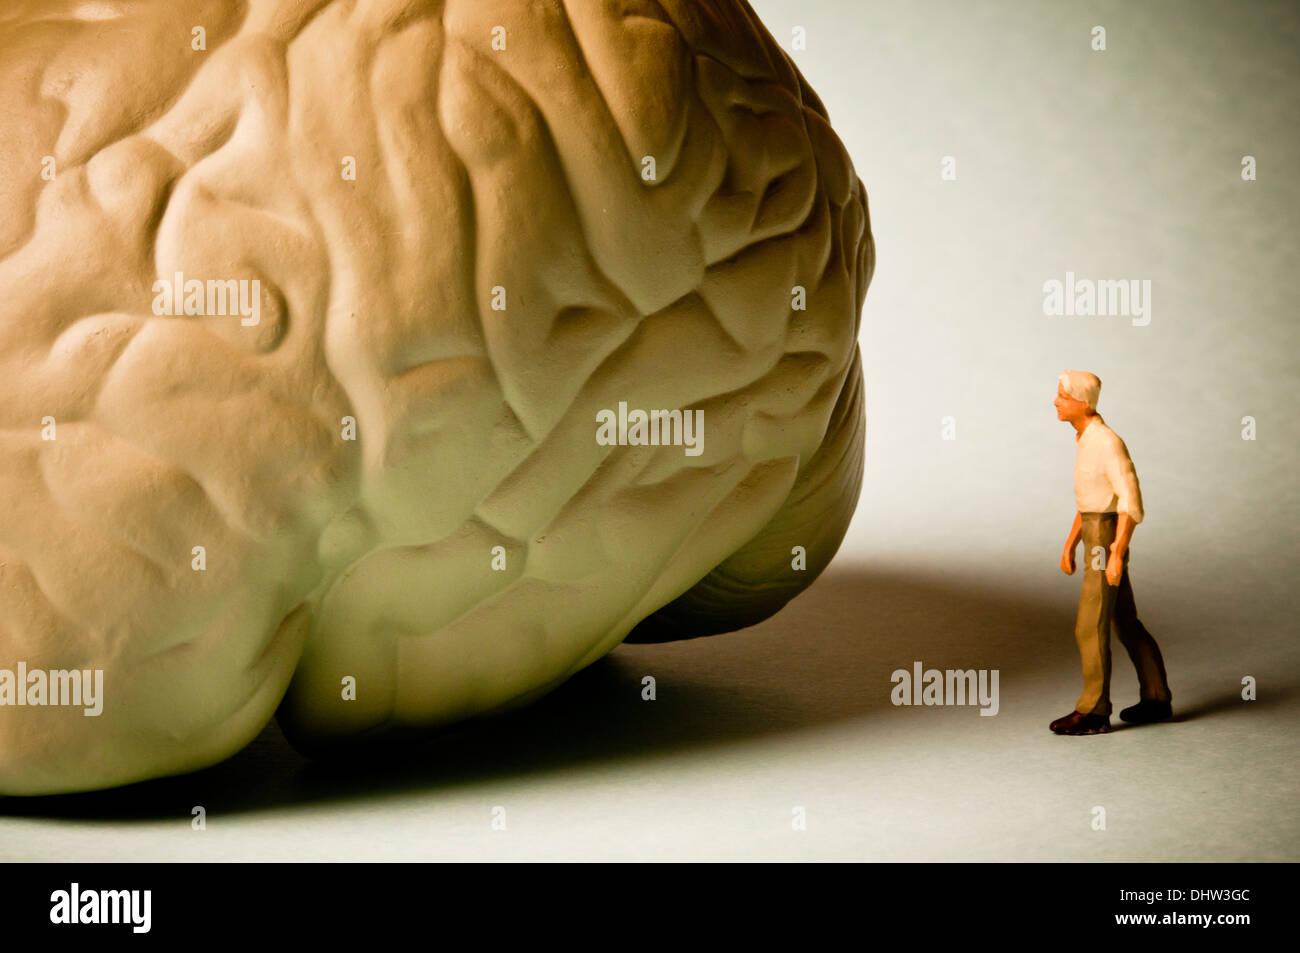 La enfermedad de Alzheimer y enfermedades mente concepto Imagen De Stock